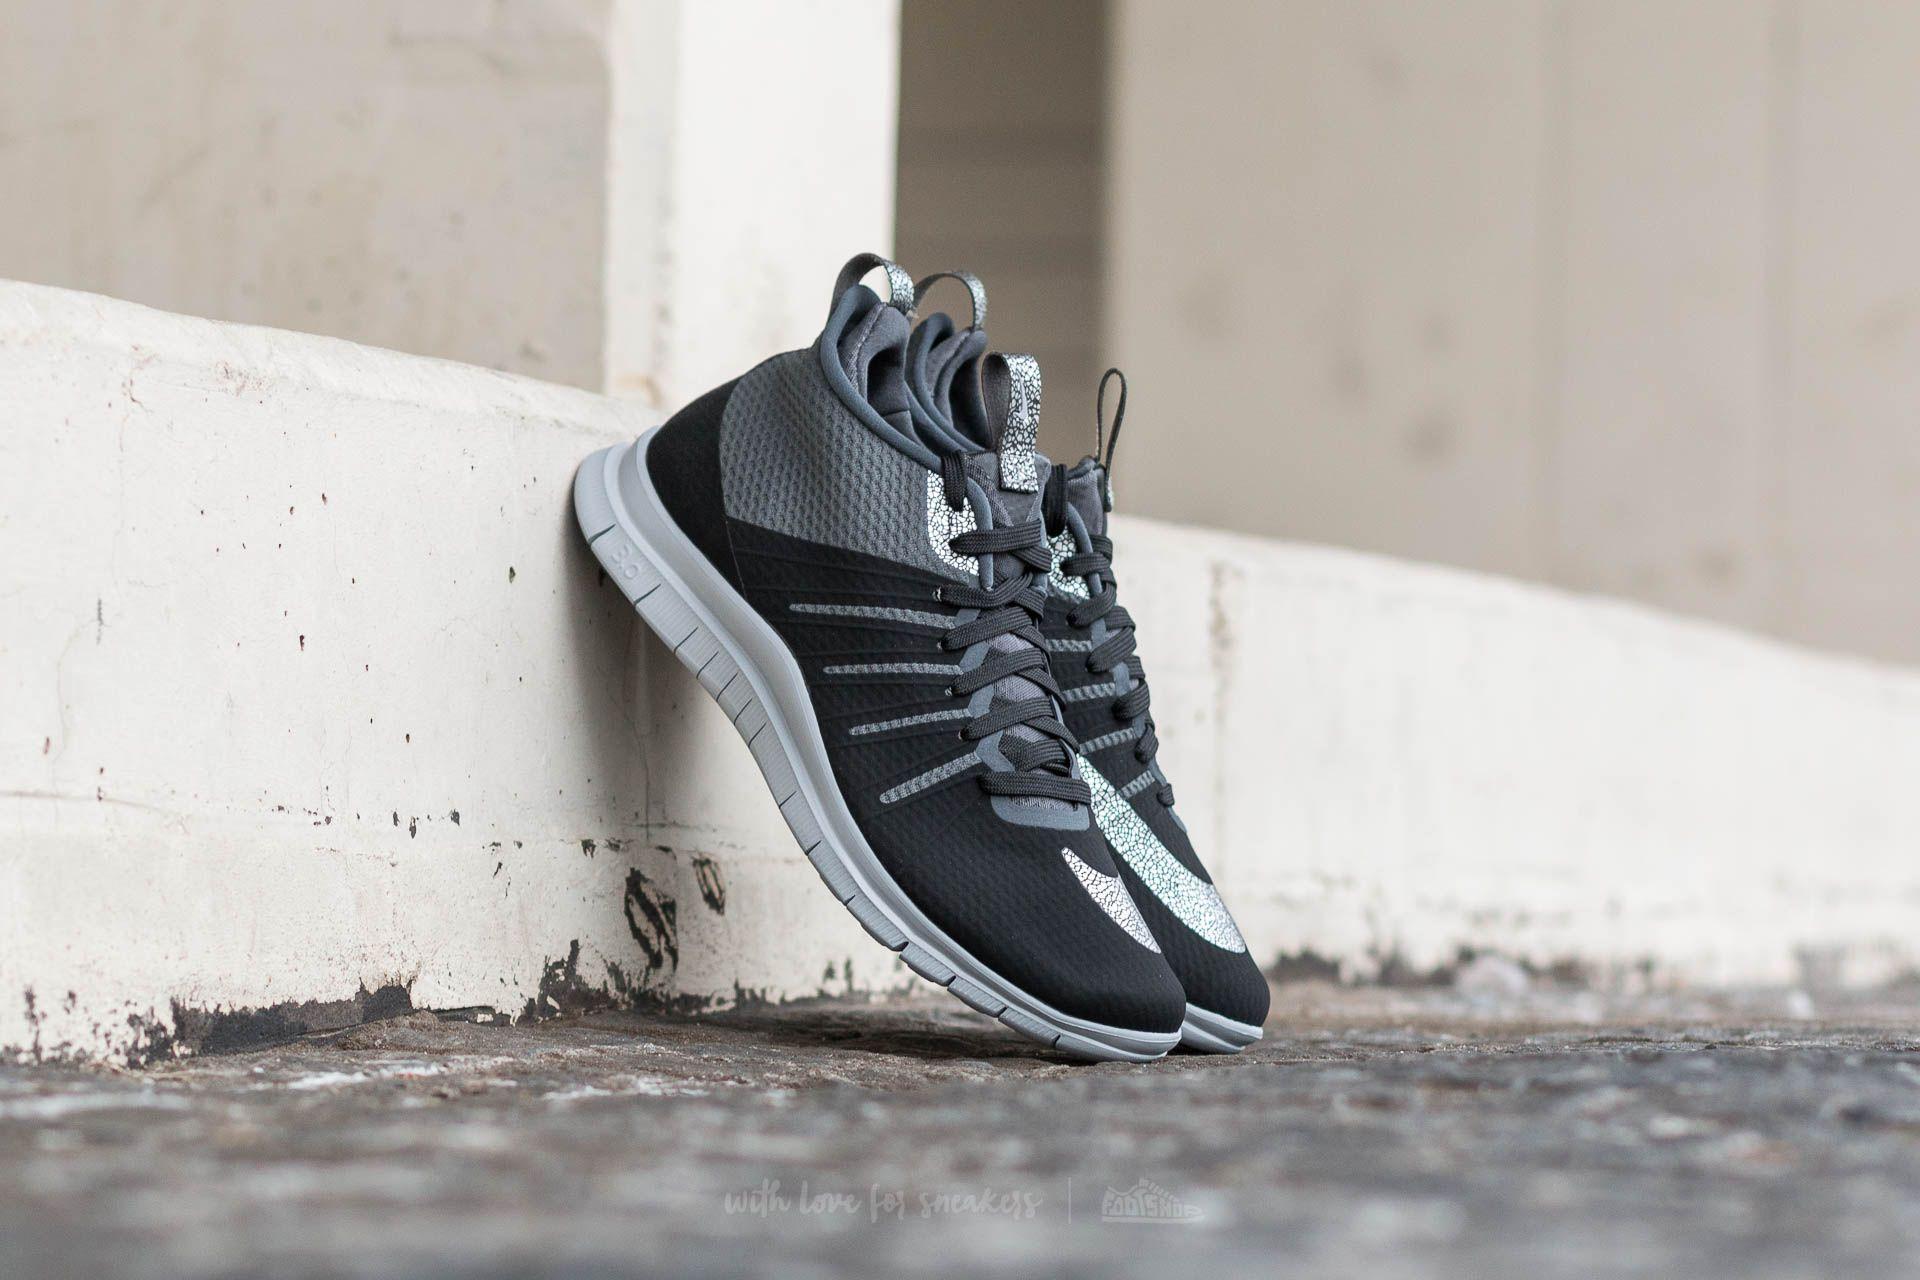 Nike Free Hypervenom 2 FS Black/ Black-Anthracite - 11332